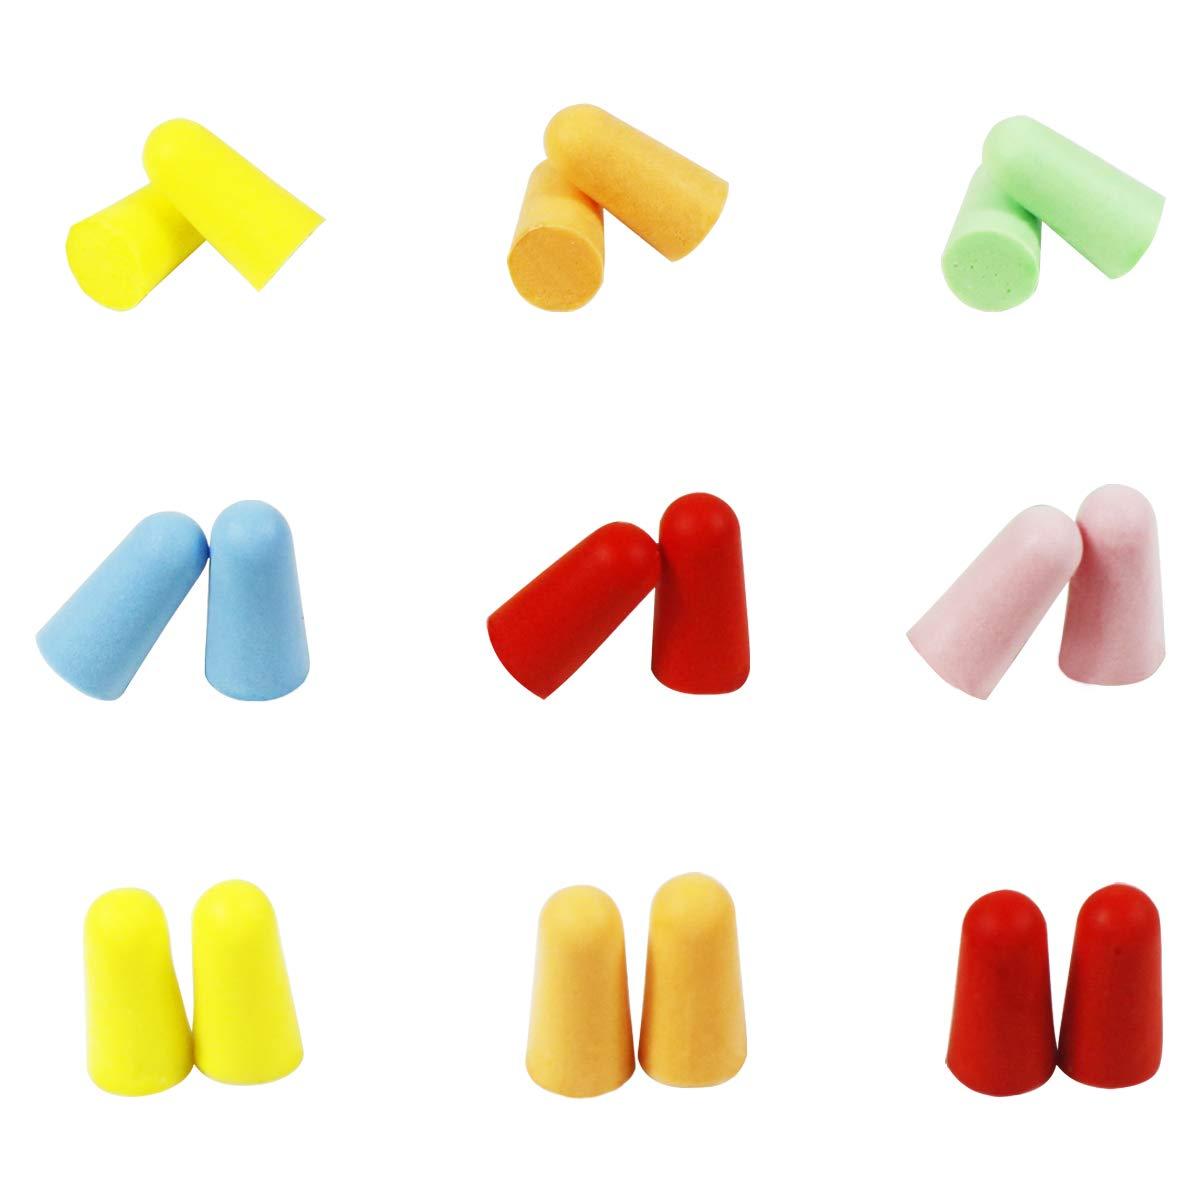 Dokpav Bouchons d'oreilles, 60 paires de bouchons d'oreilles en mousse souple de couleurs diffé rentes, bouchons d'oreilles anti-bruit, bouchons d'oreilles en é ponge 60 paires de bouchons d' oreilles en mousse souple de couleurs différen